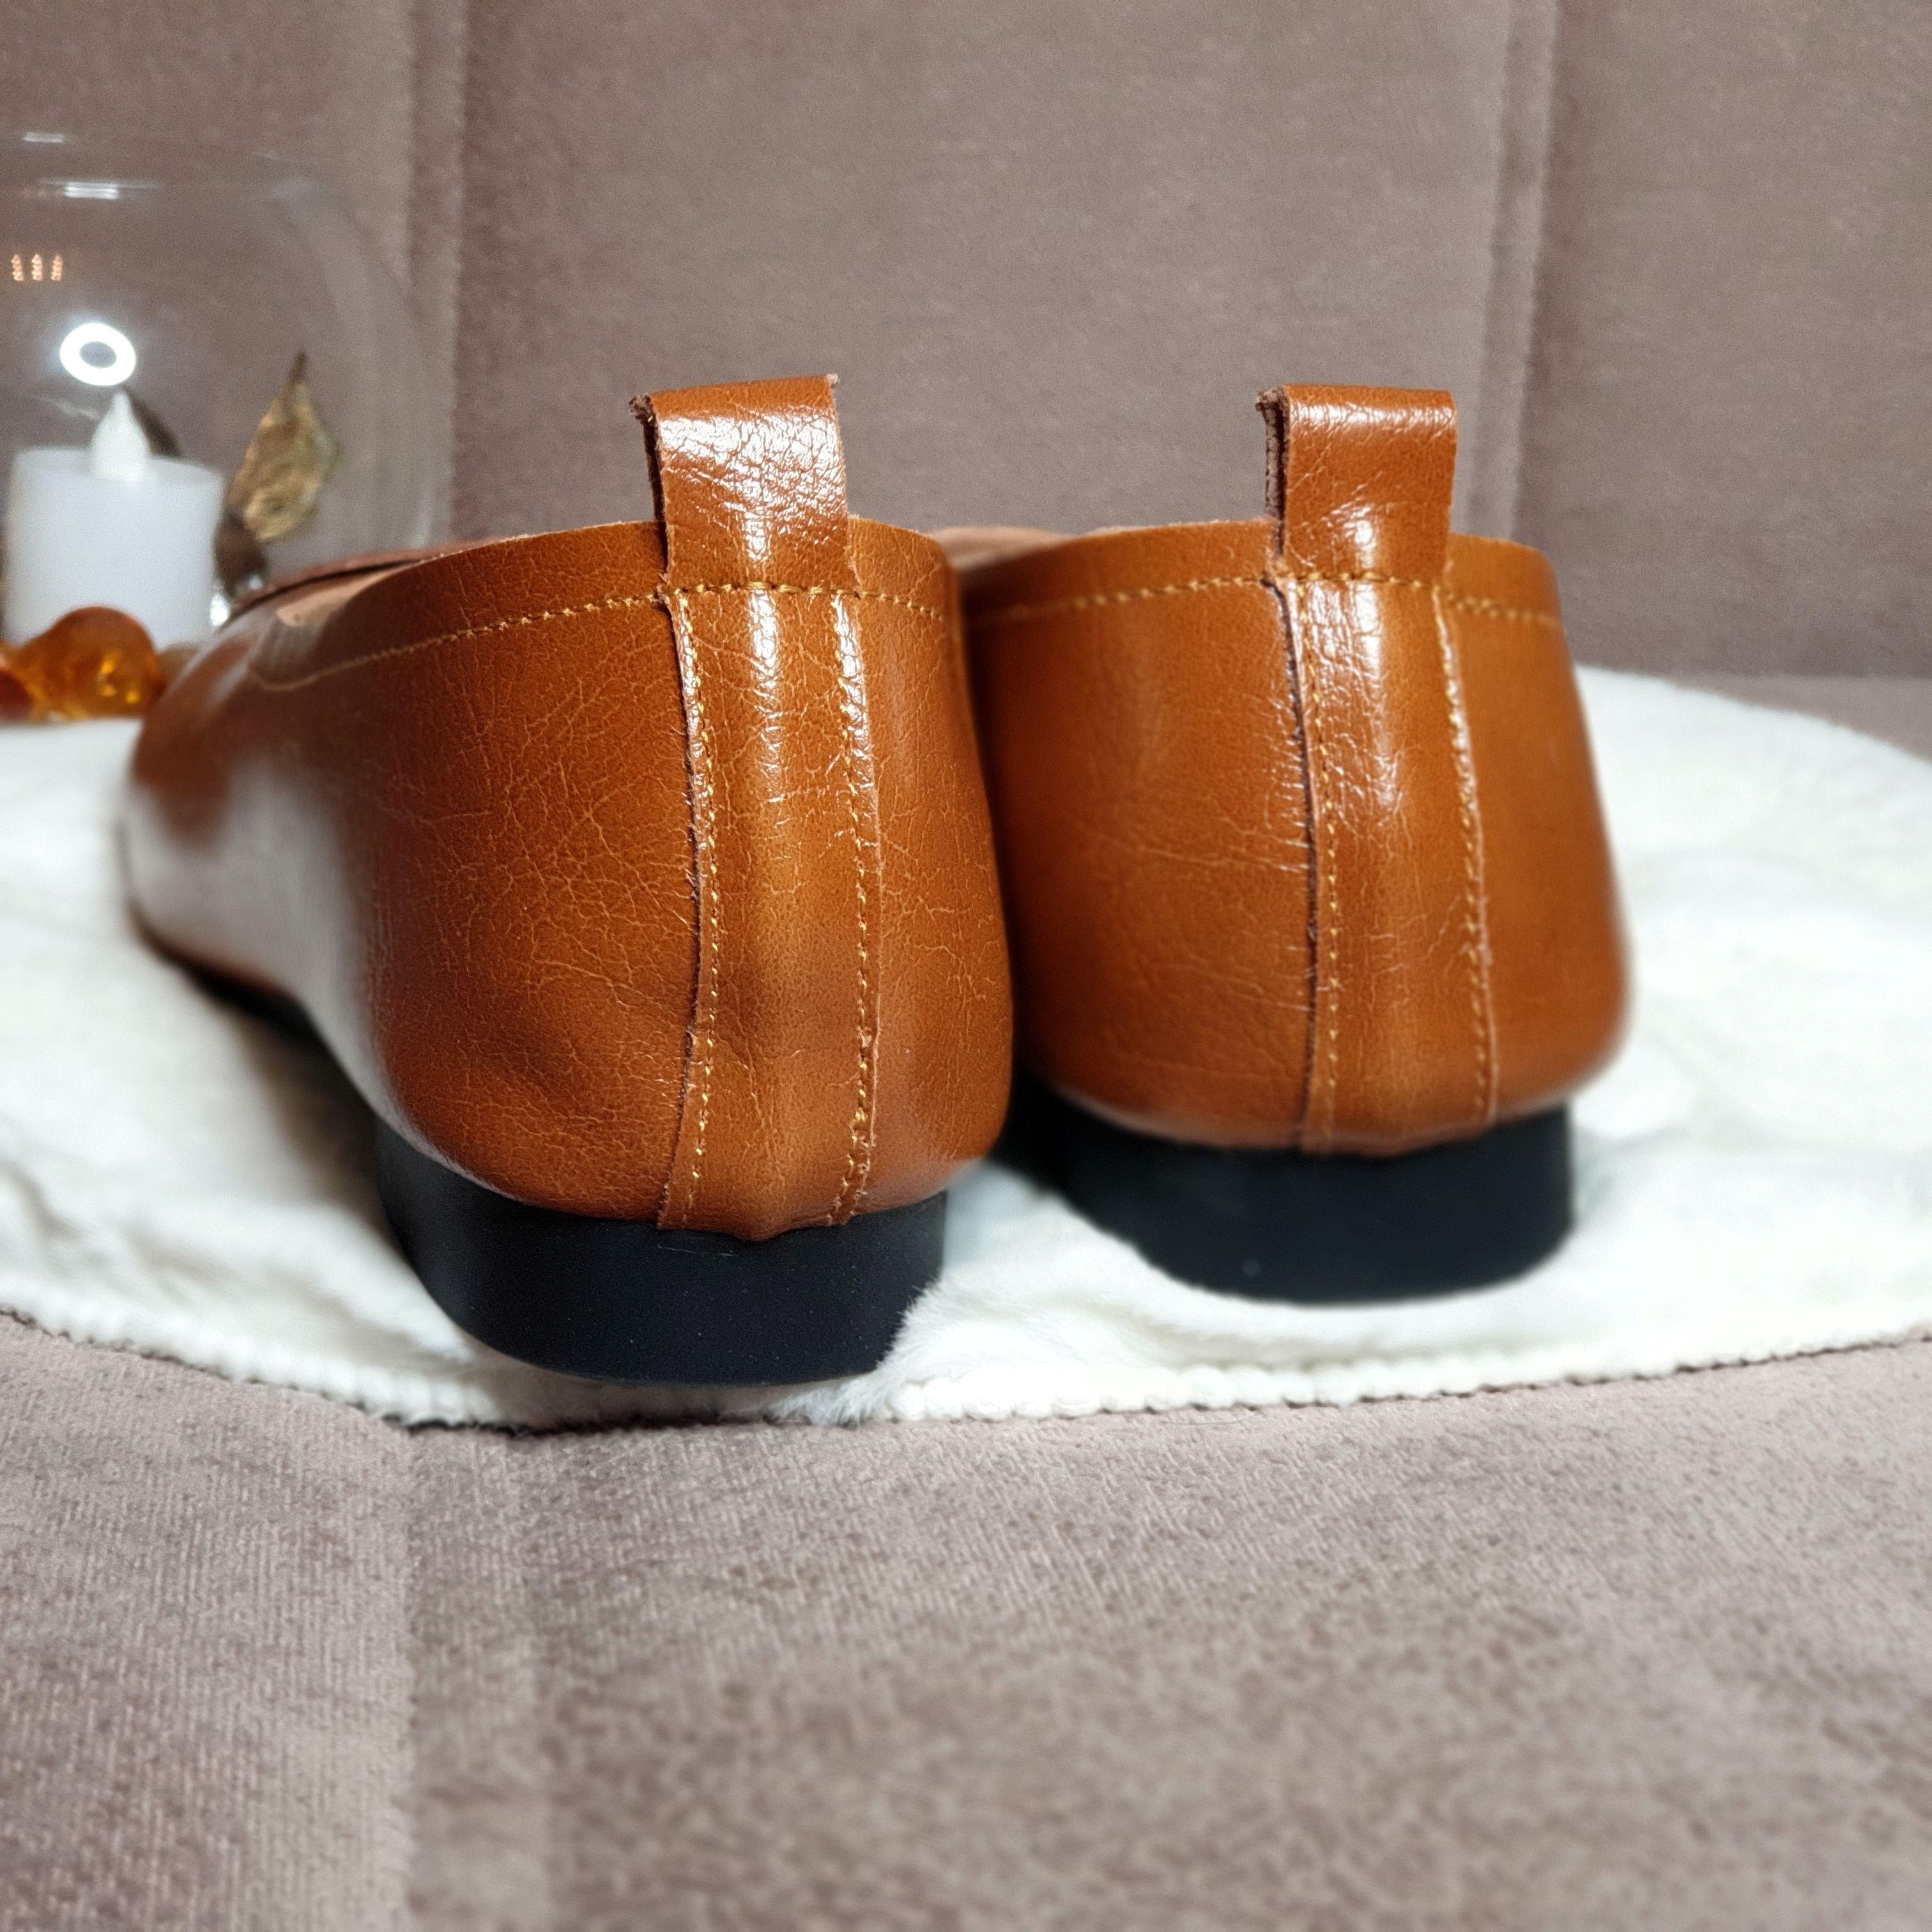 Отличные кожаные туфли на каждый день: распаковка и примерка. - цена